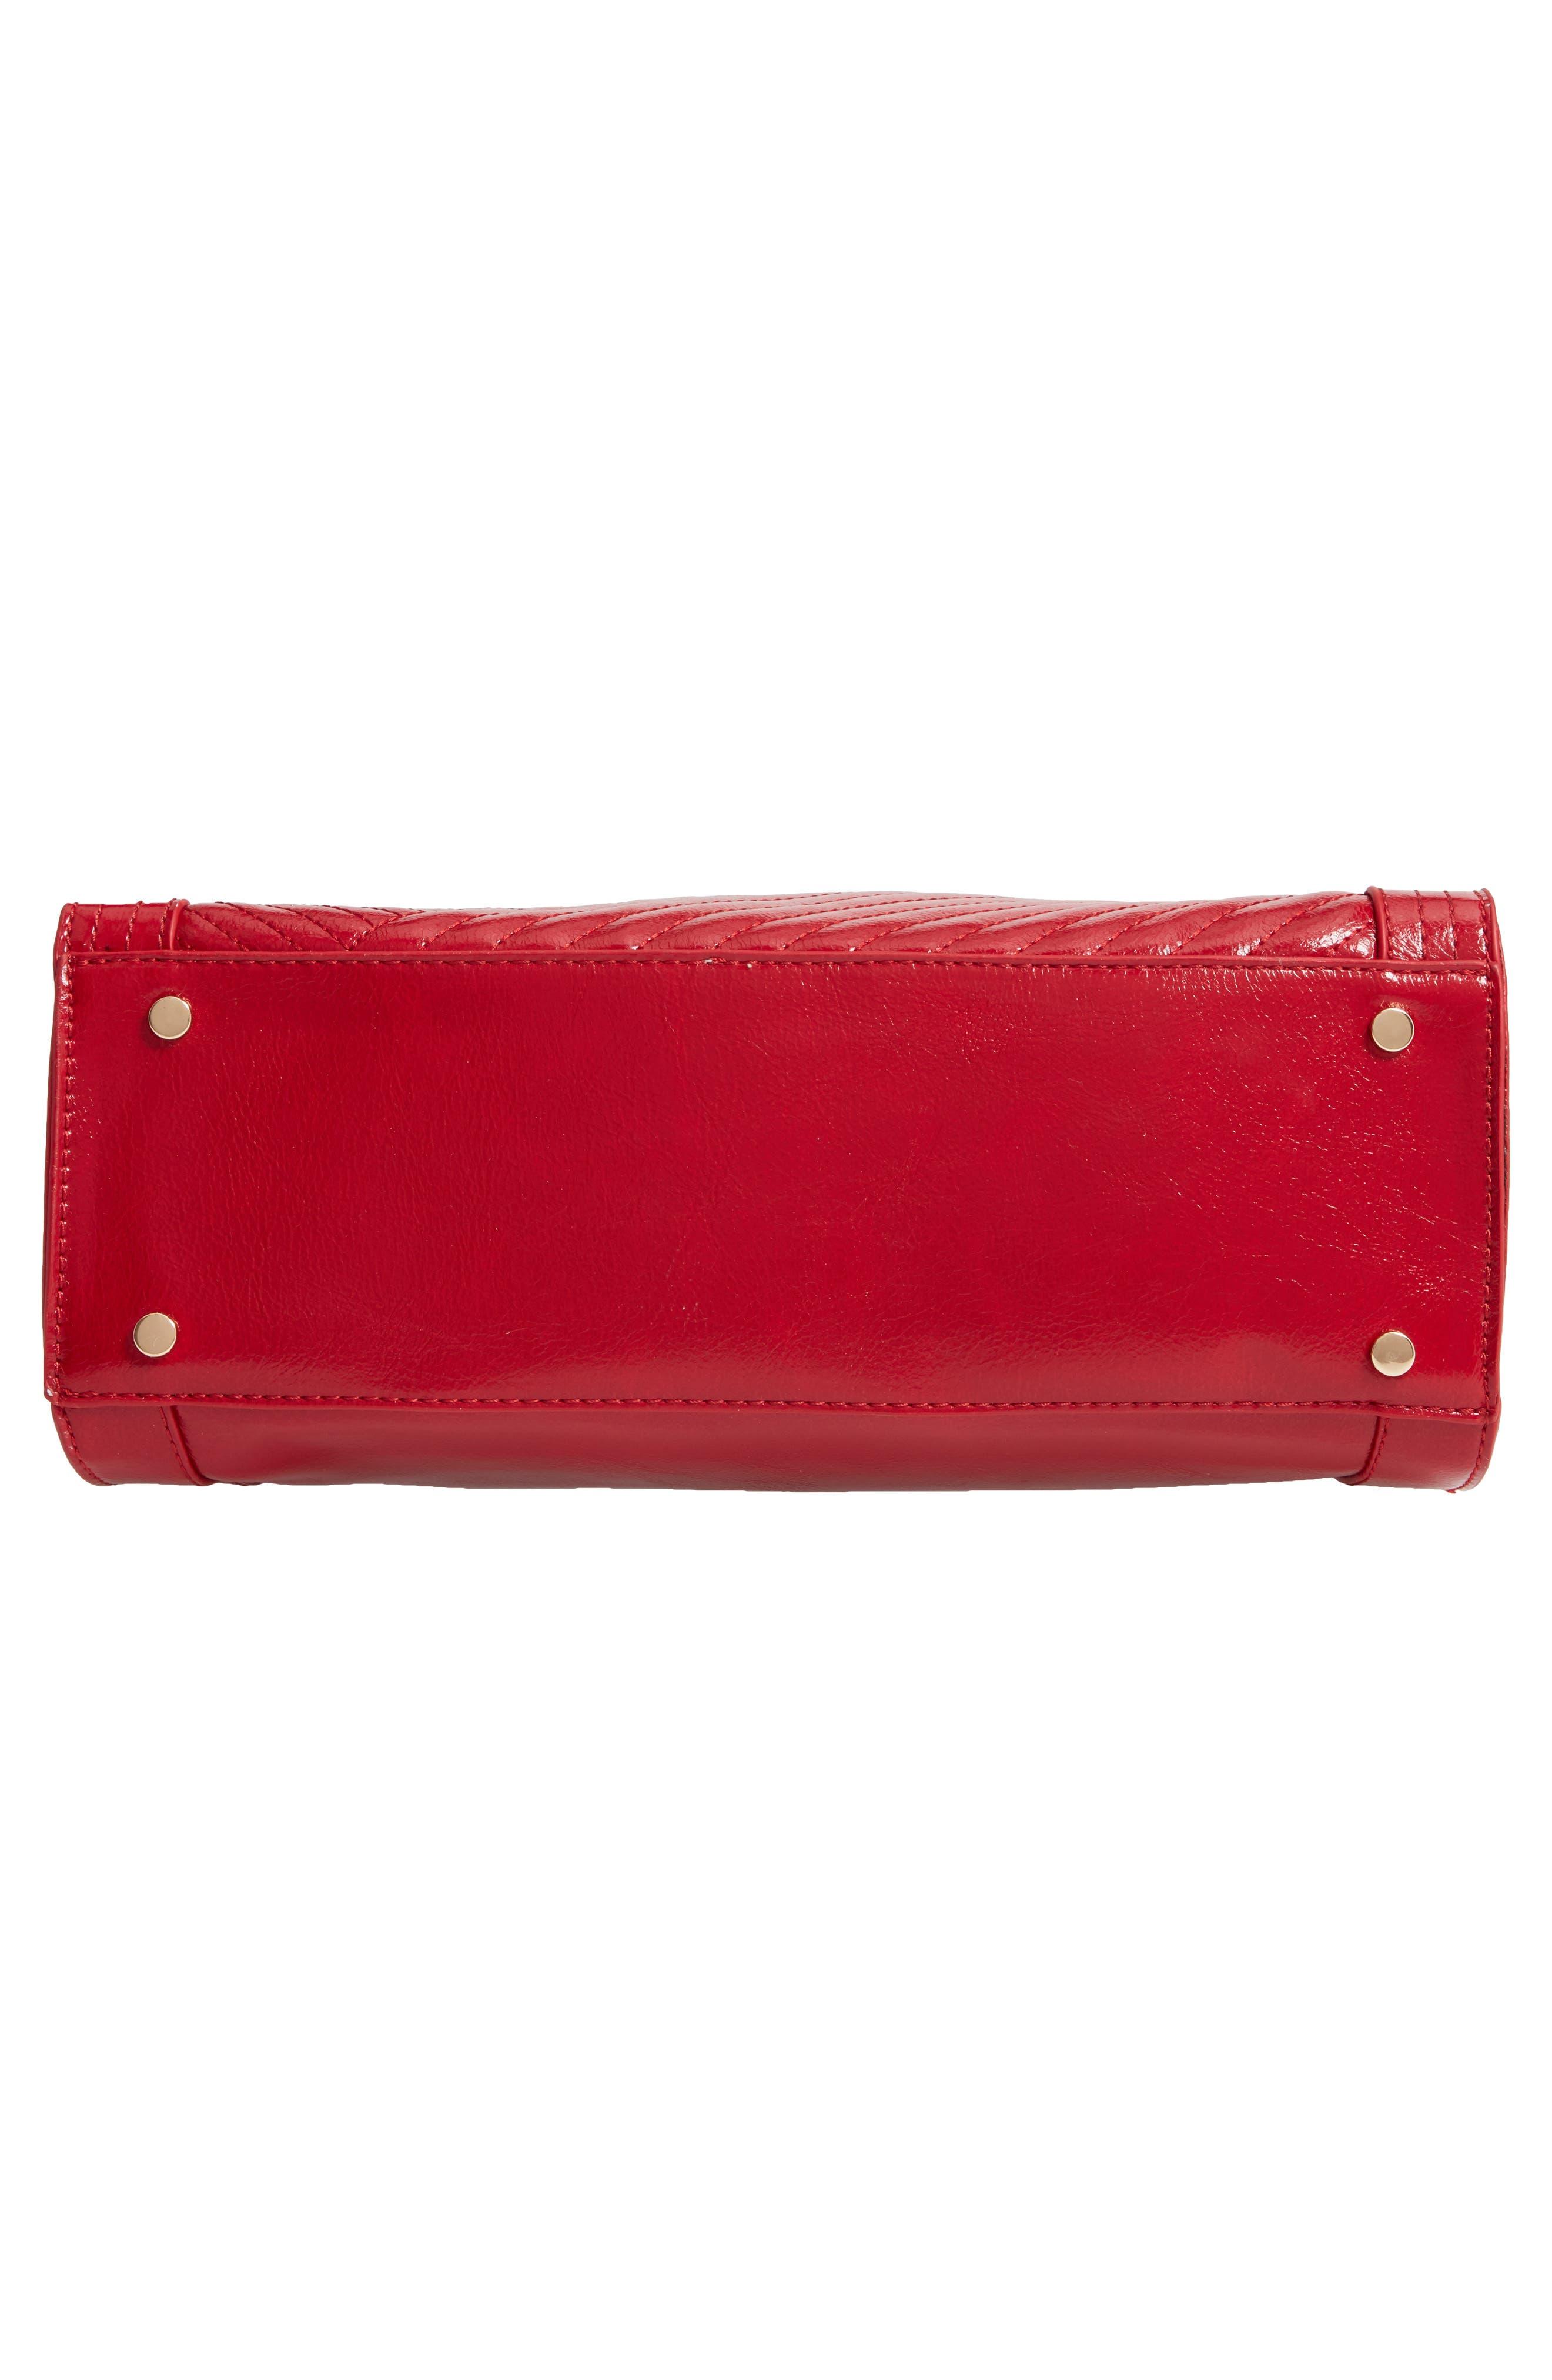 Aisln Faux Leather Satchel,                             Alternate thumbnail 6, color,                             RED